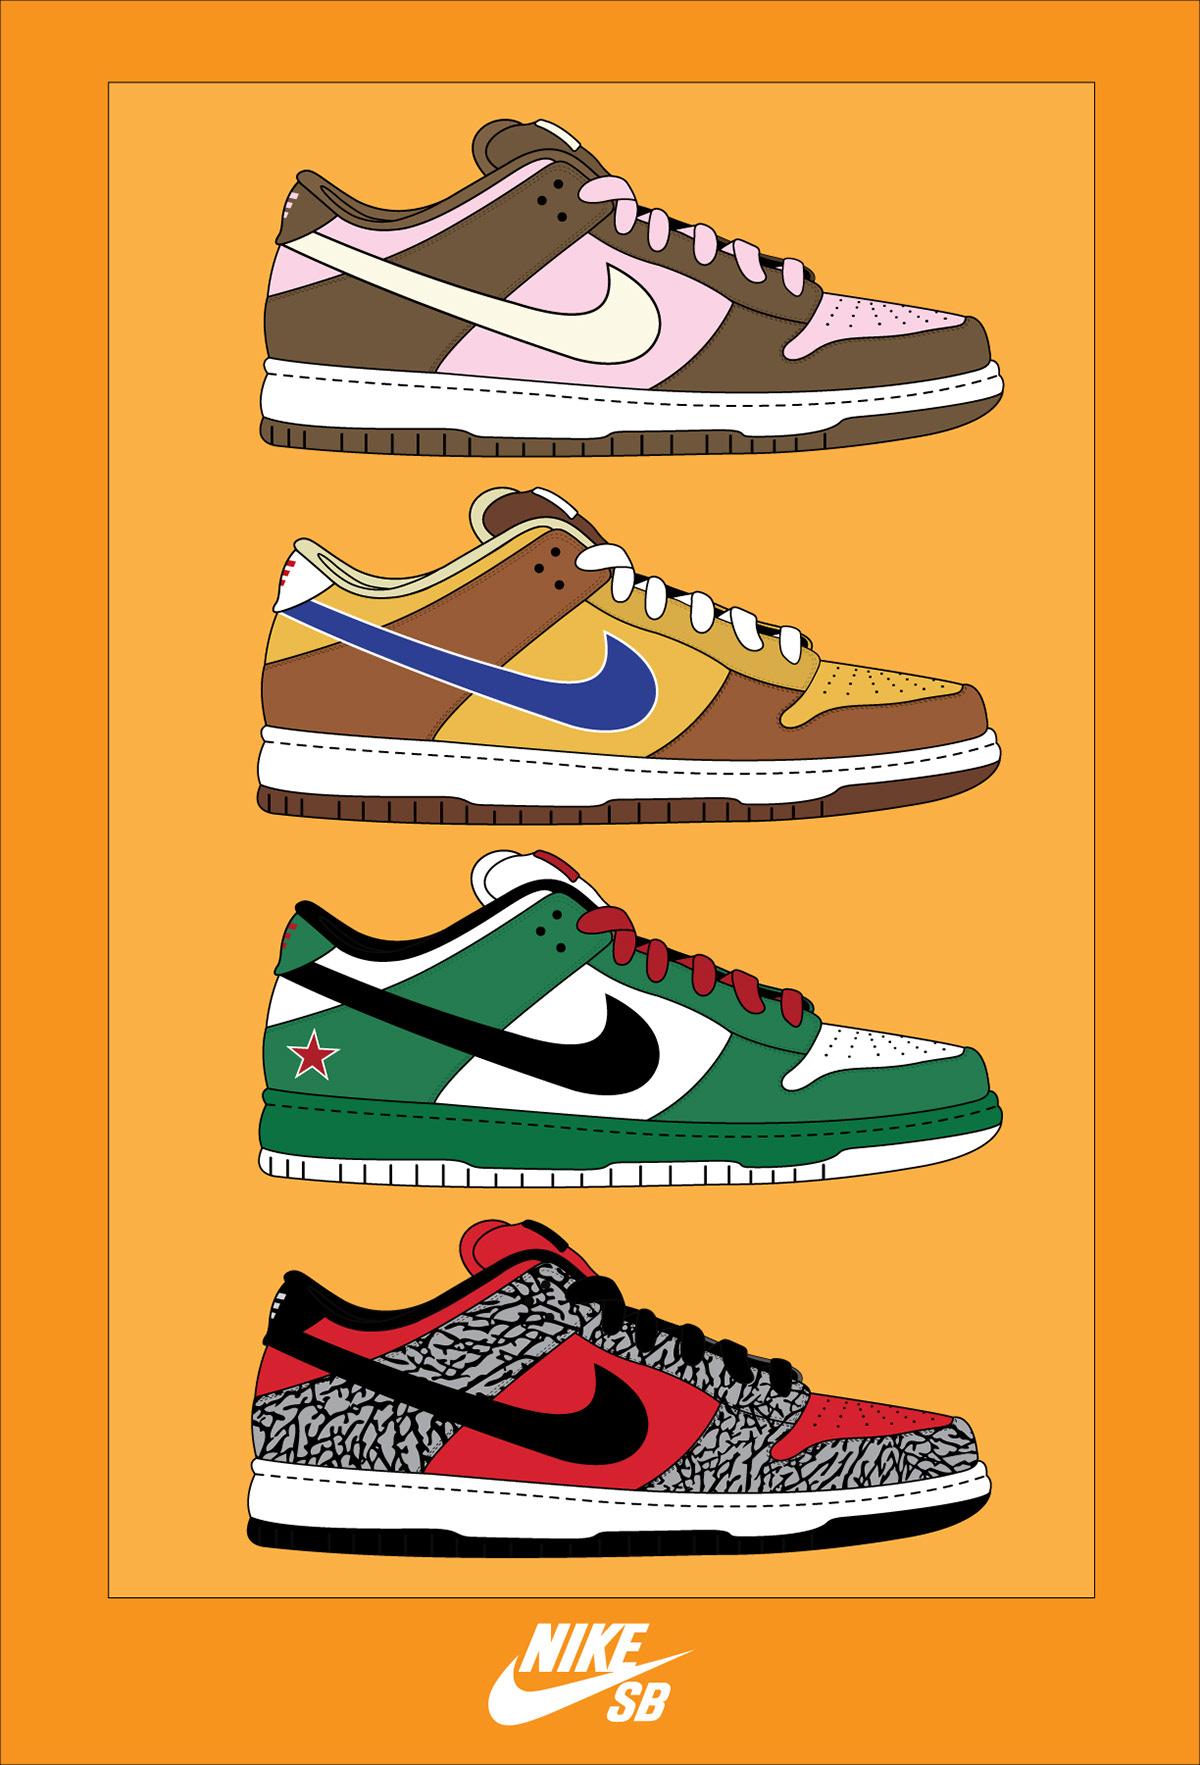 Nike Sb Poster